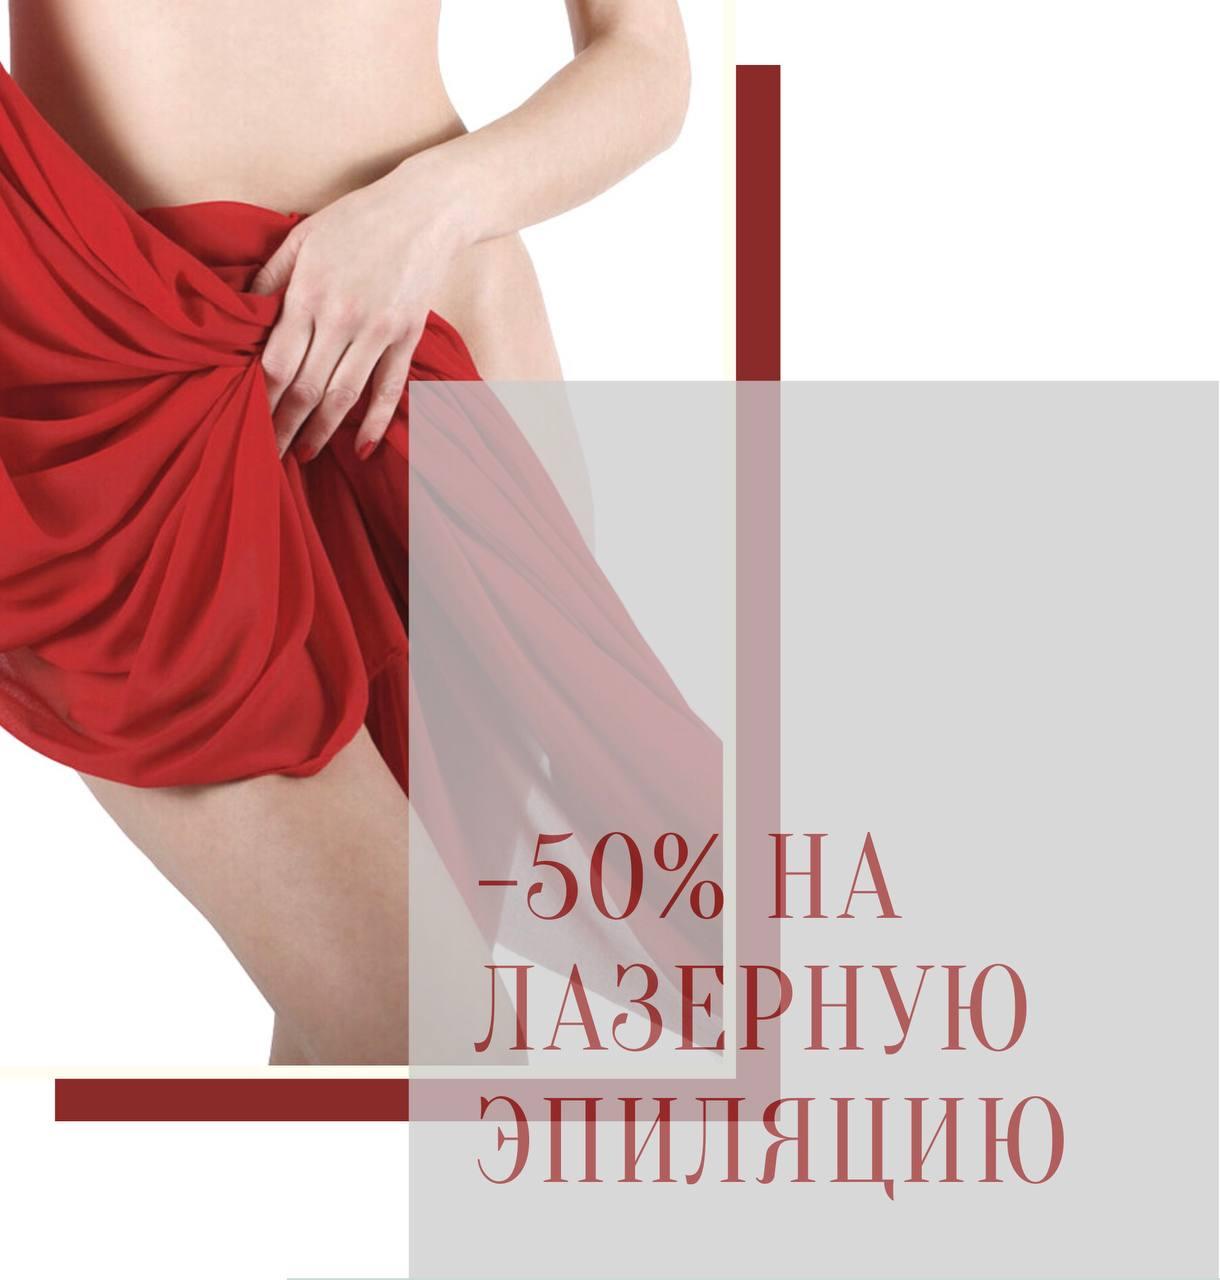 ЖЕНСКАЯ ЭПИЛЯЦИЯ СКИДКА ЛЕТА 50% !!!!!